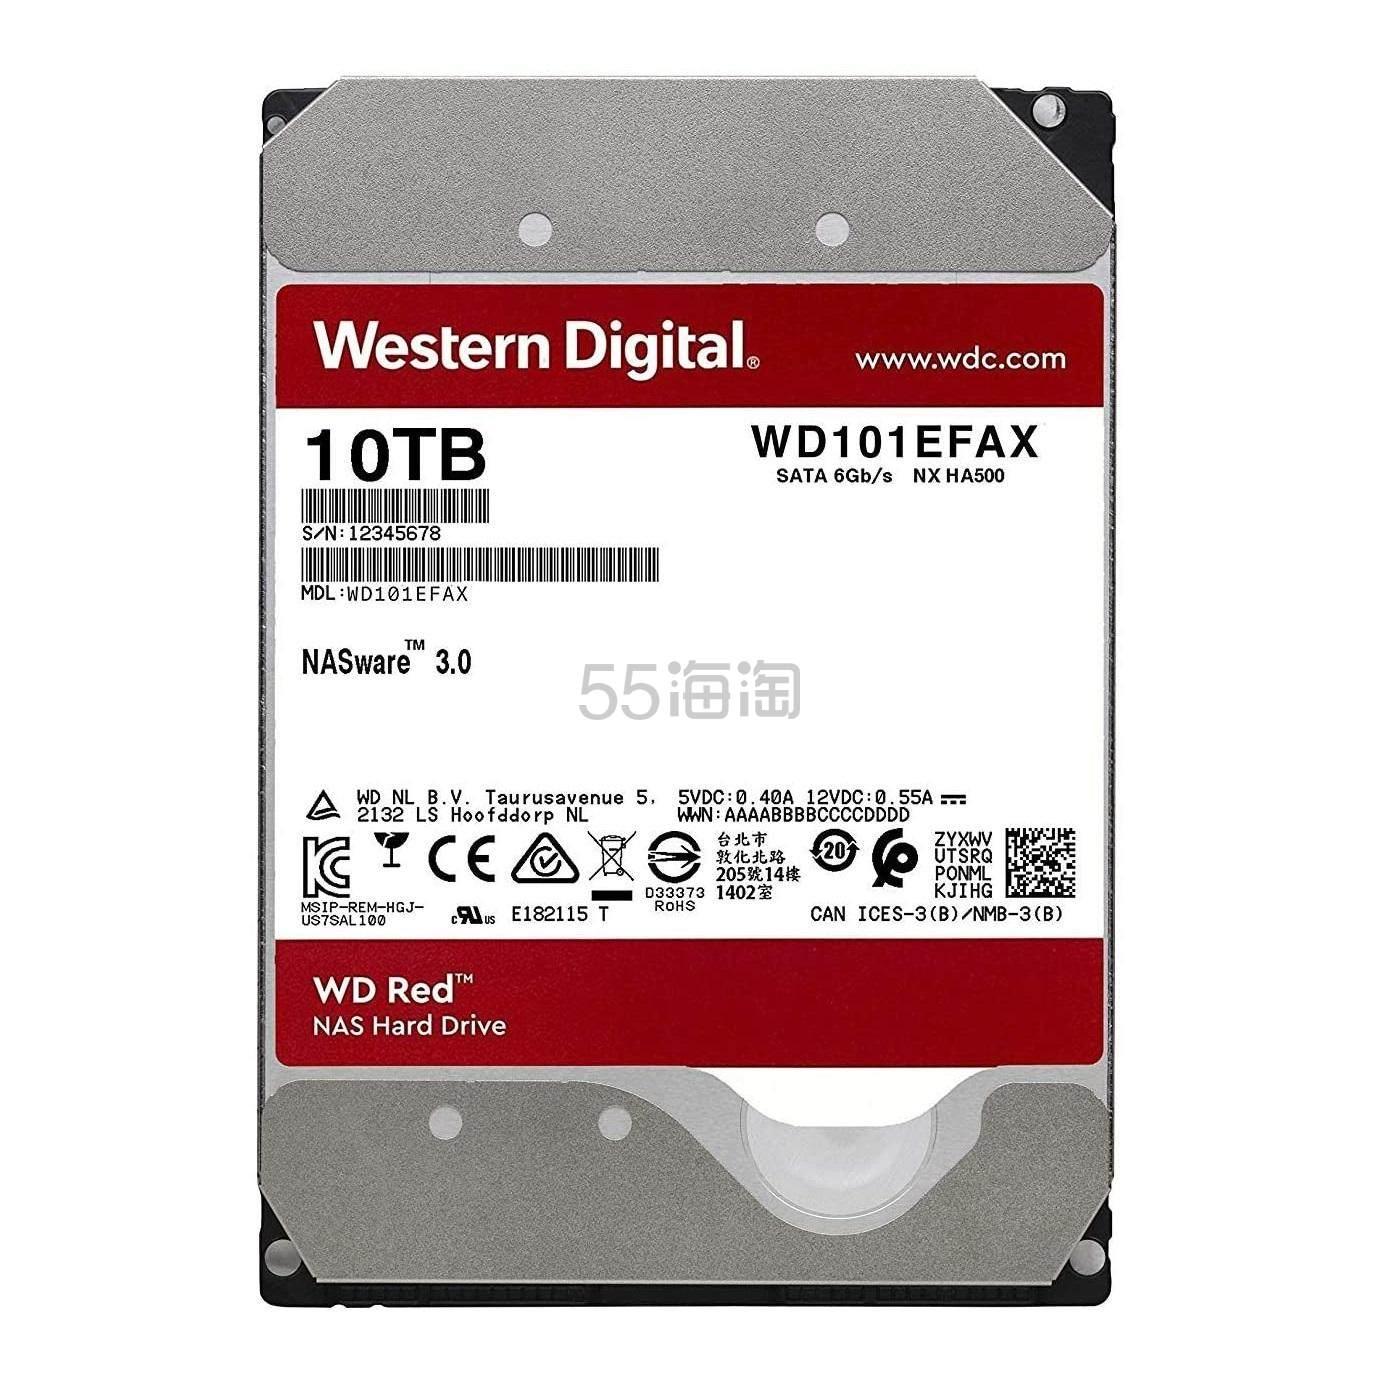 3件9折!【中亚Prime会员】Western Digital 西部数据 红盘 10TB SATA NAS网络存储硬盘 WD101EFAX 到手价1654元 - 海淘优惠海淘折扣|55海淘网